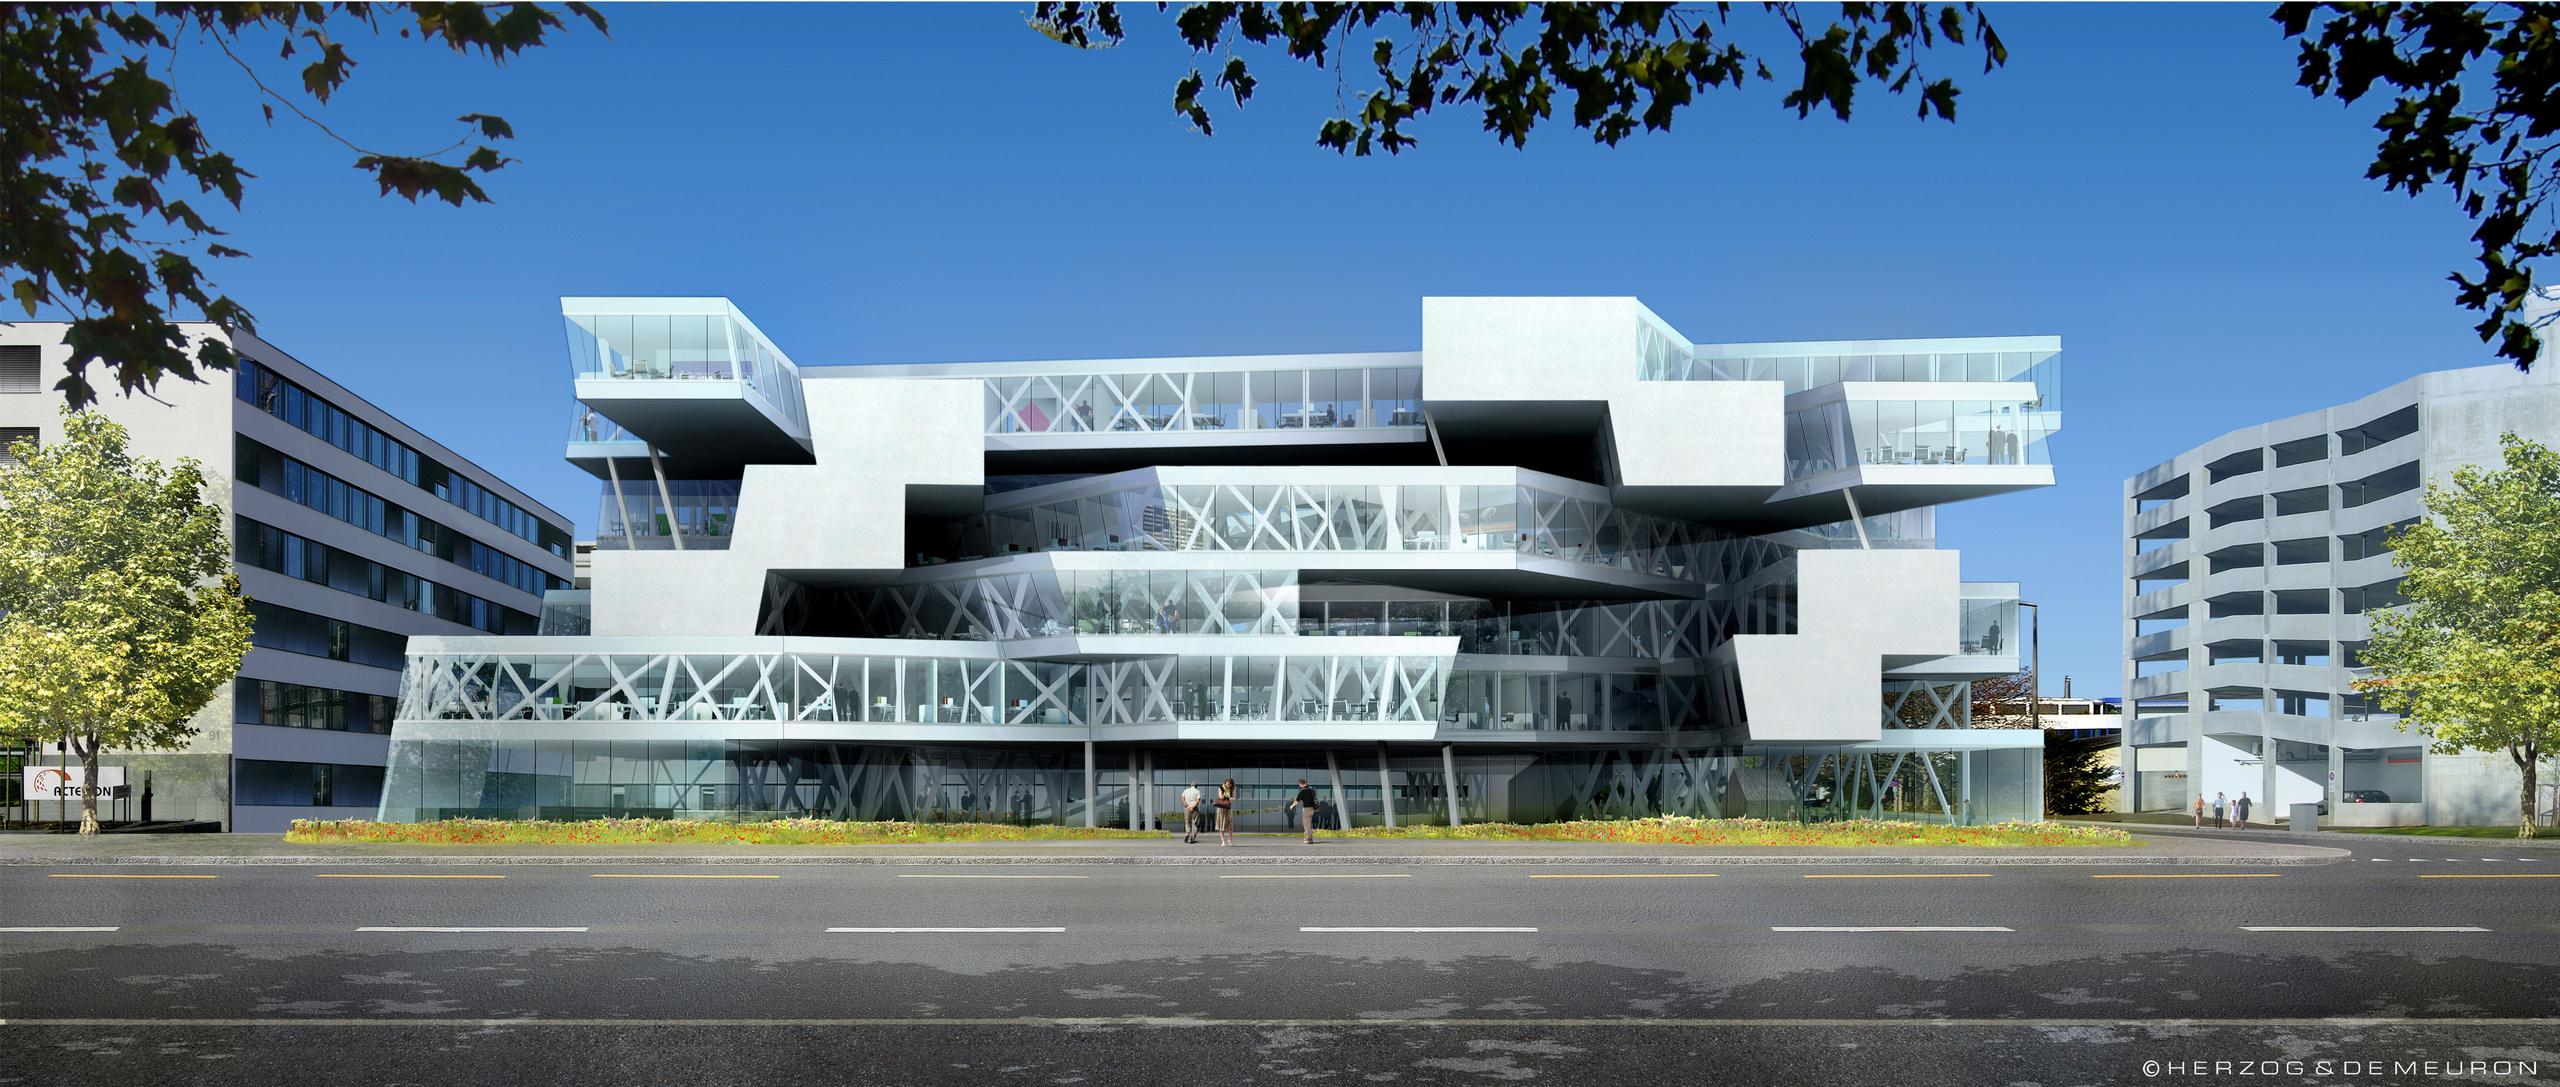 Entrevista jacques herzog docentes libres de mar del plata for Arquitectura minimalista edificios